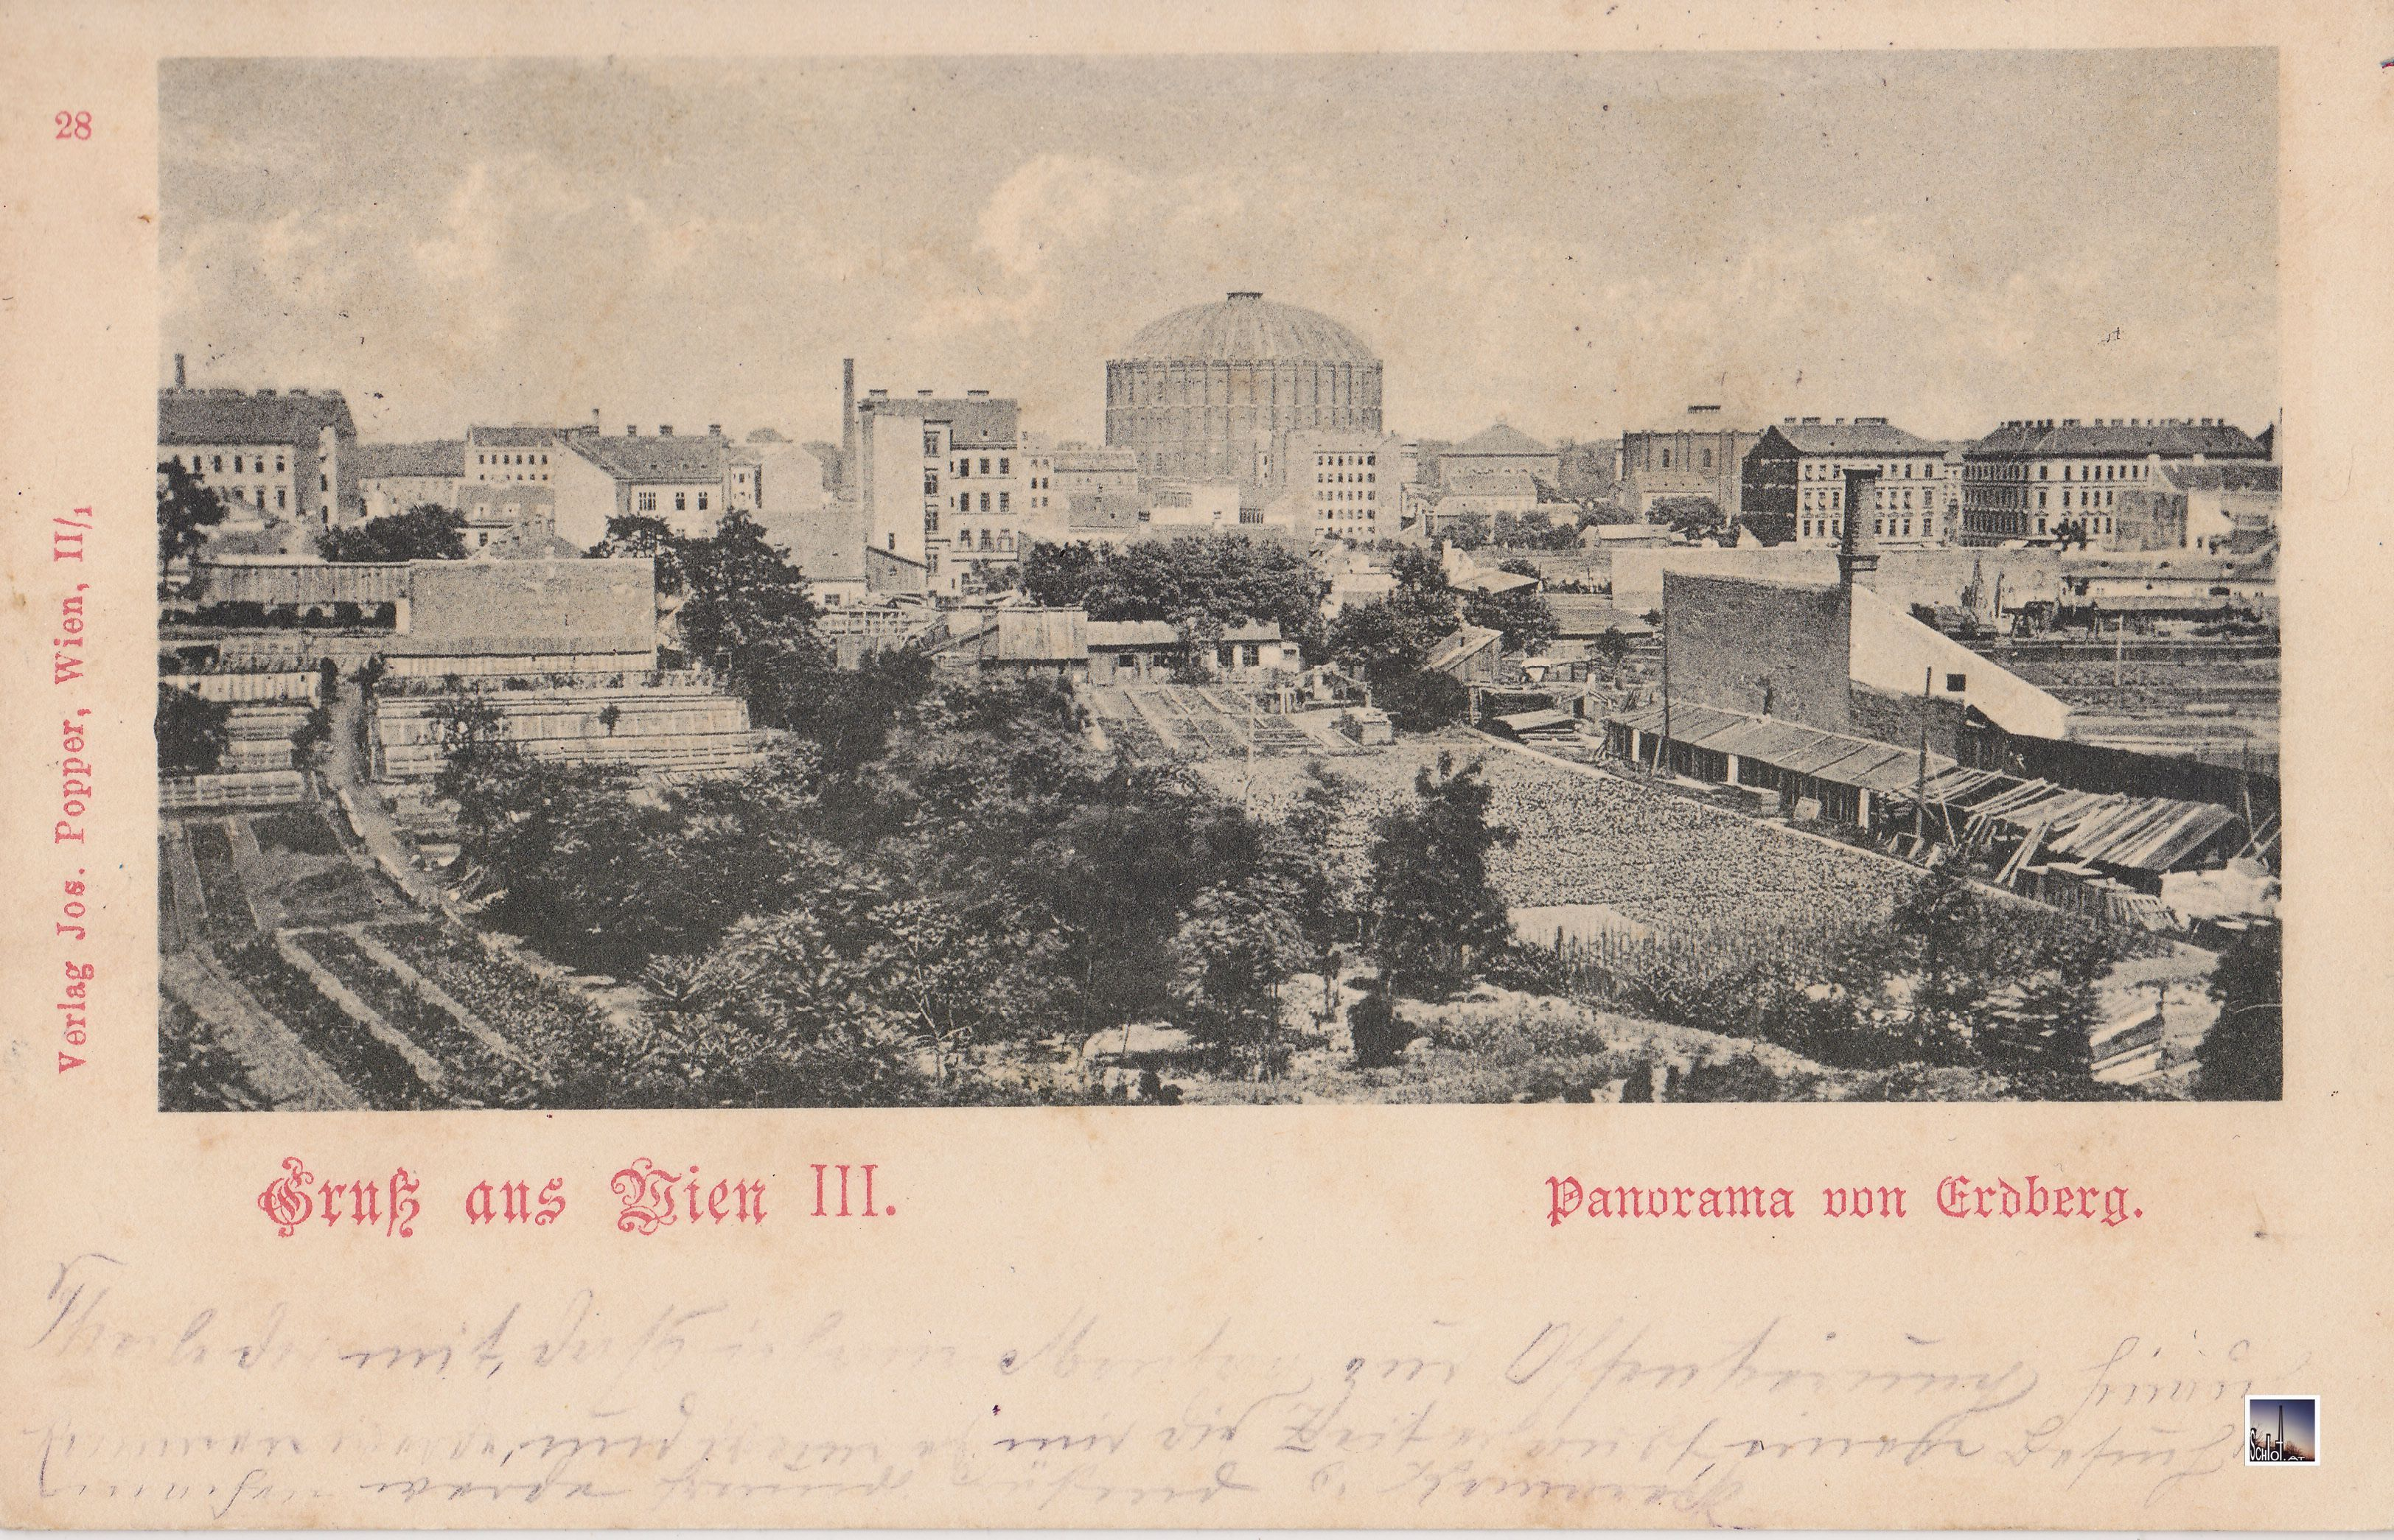 PanoramaErdberg_1899_Schlot.jpg